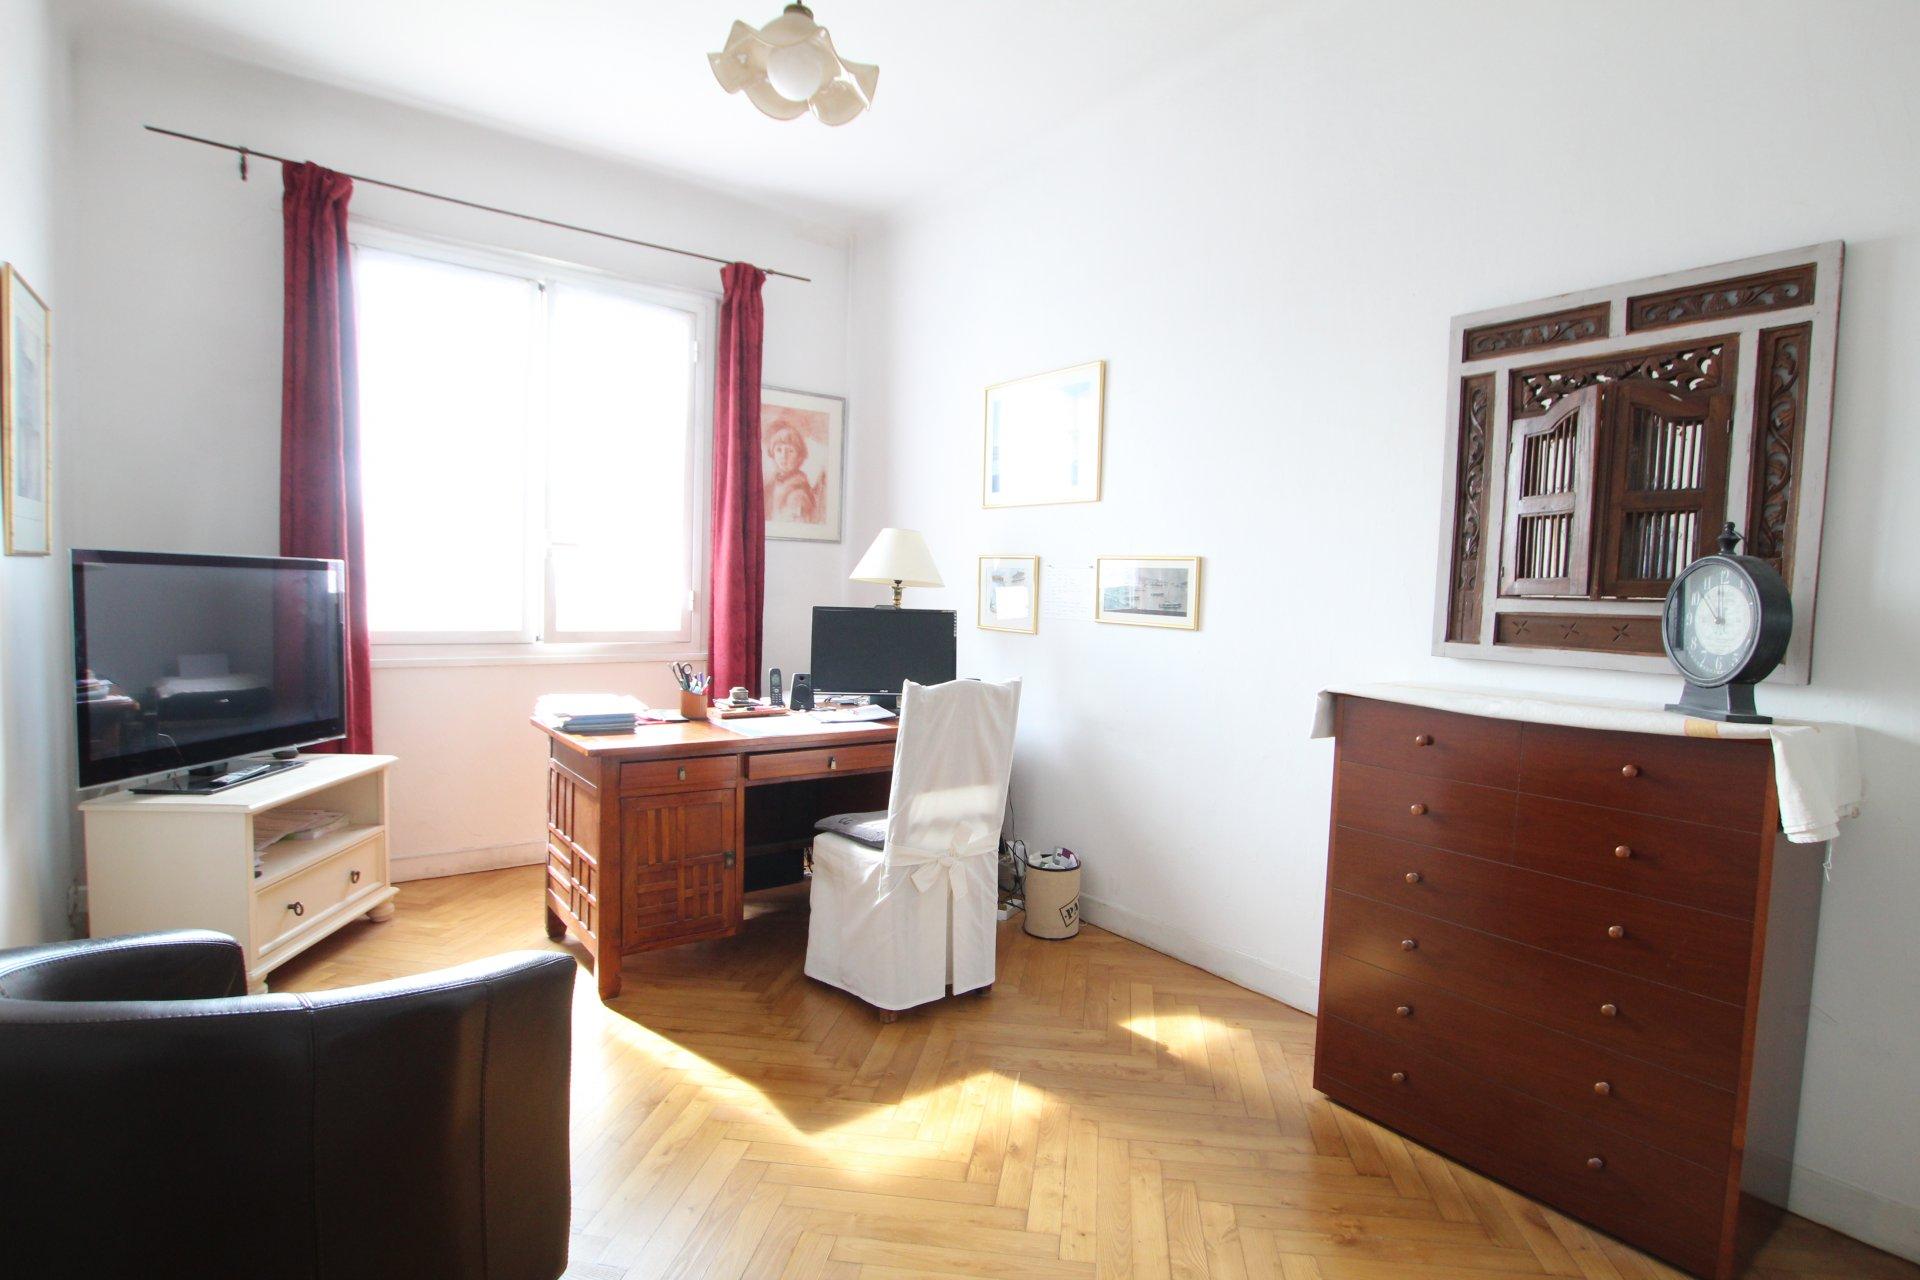 NICE Chambrun - Apartments villa on 2 levels, garden